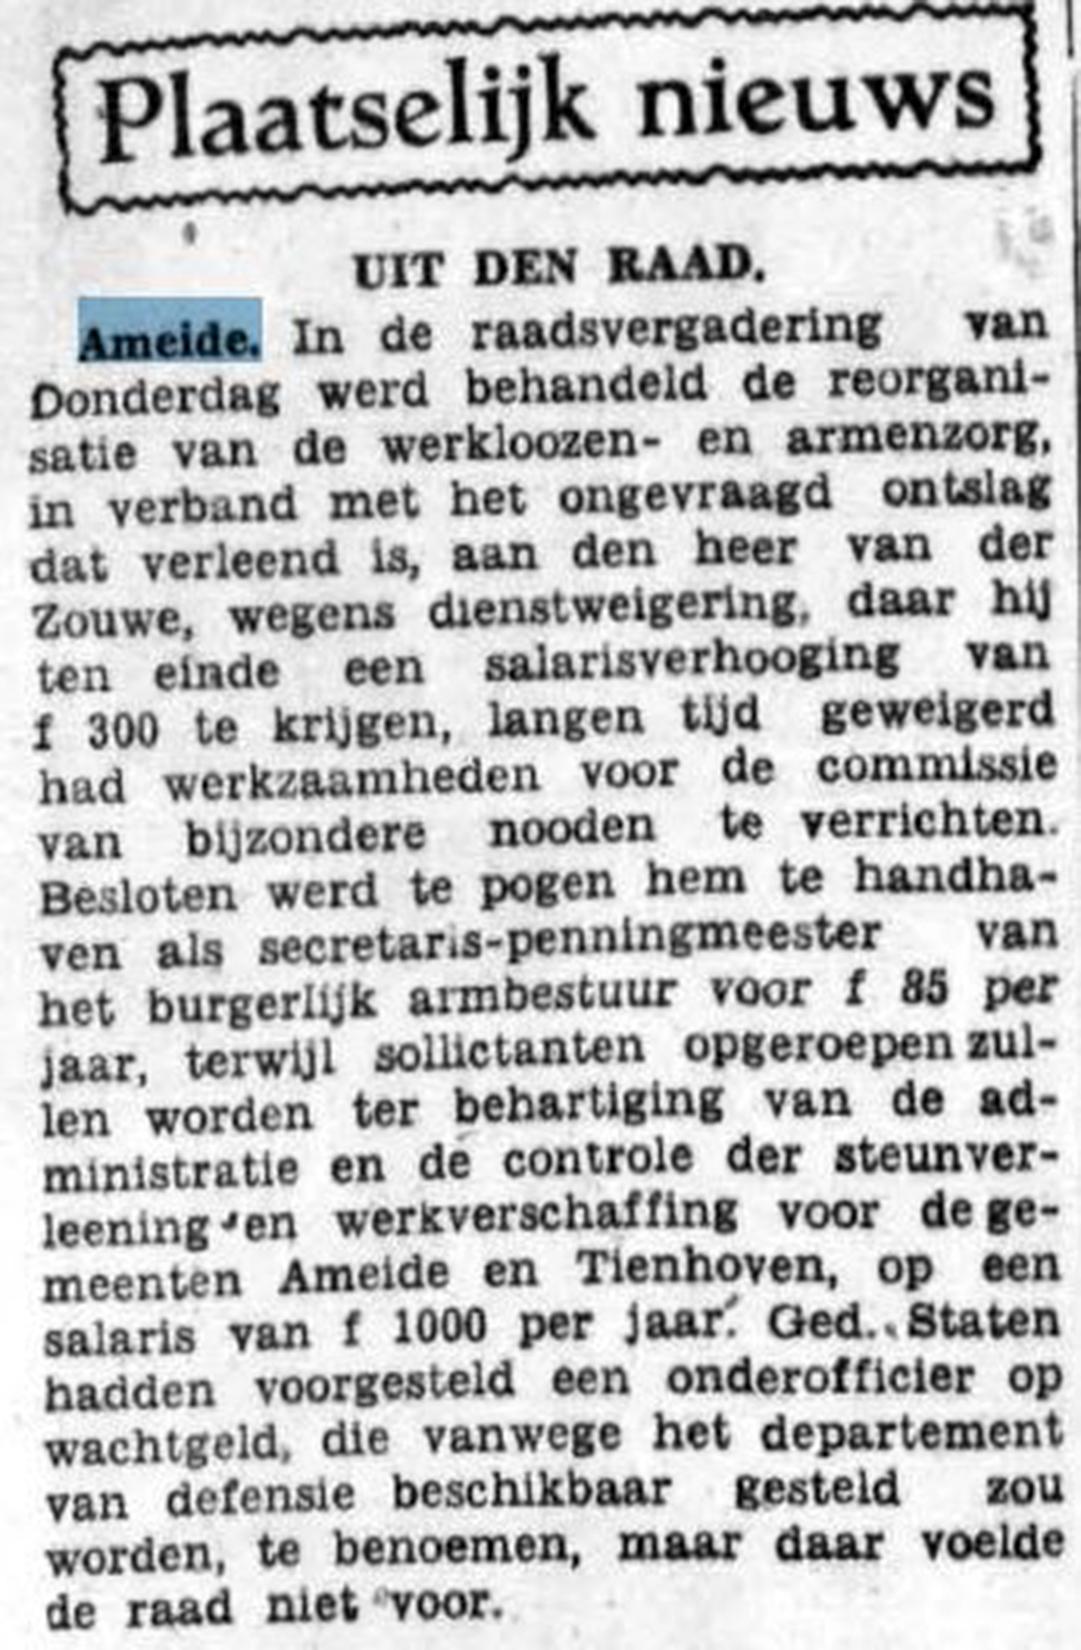 Schoonhovensche Courant 06795 1937-04-12 artikel 01